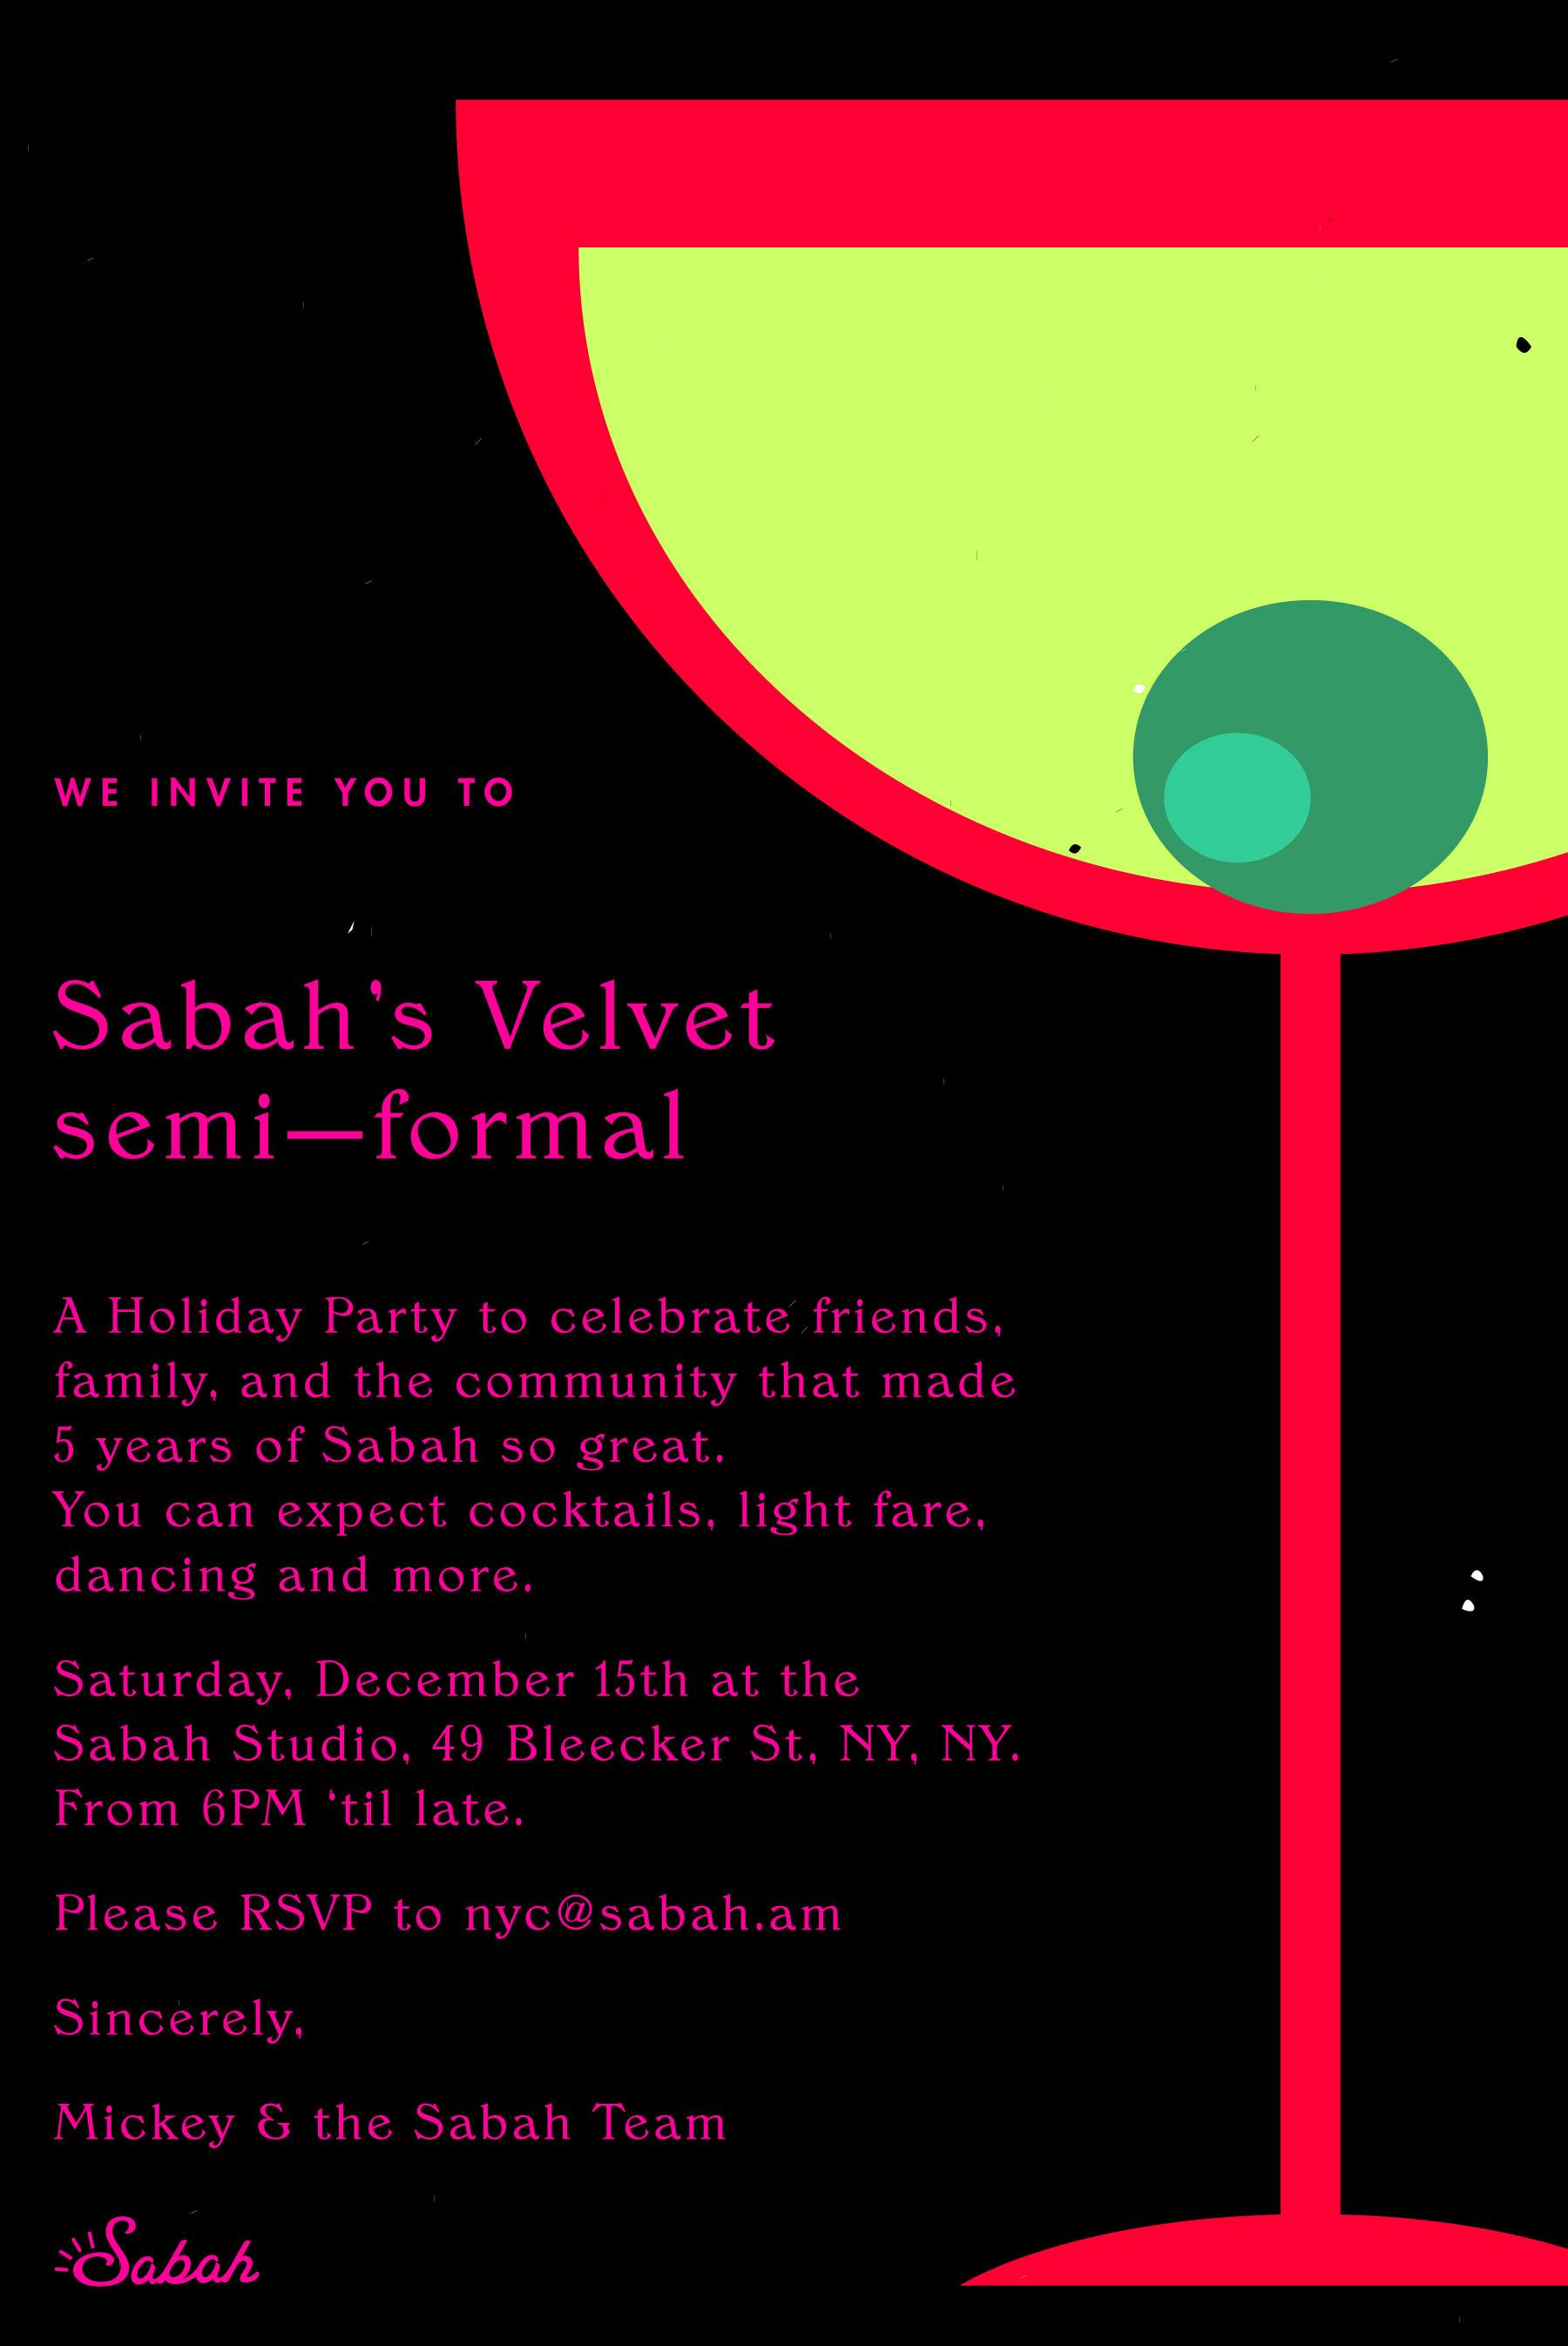 Sabah-Bleecker-Velvet-Semi-Formal-Dec2018.jpg